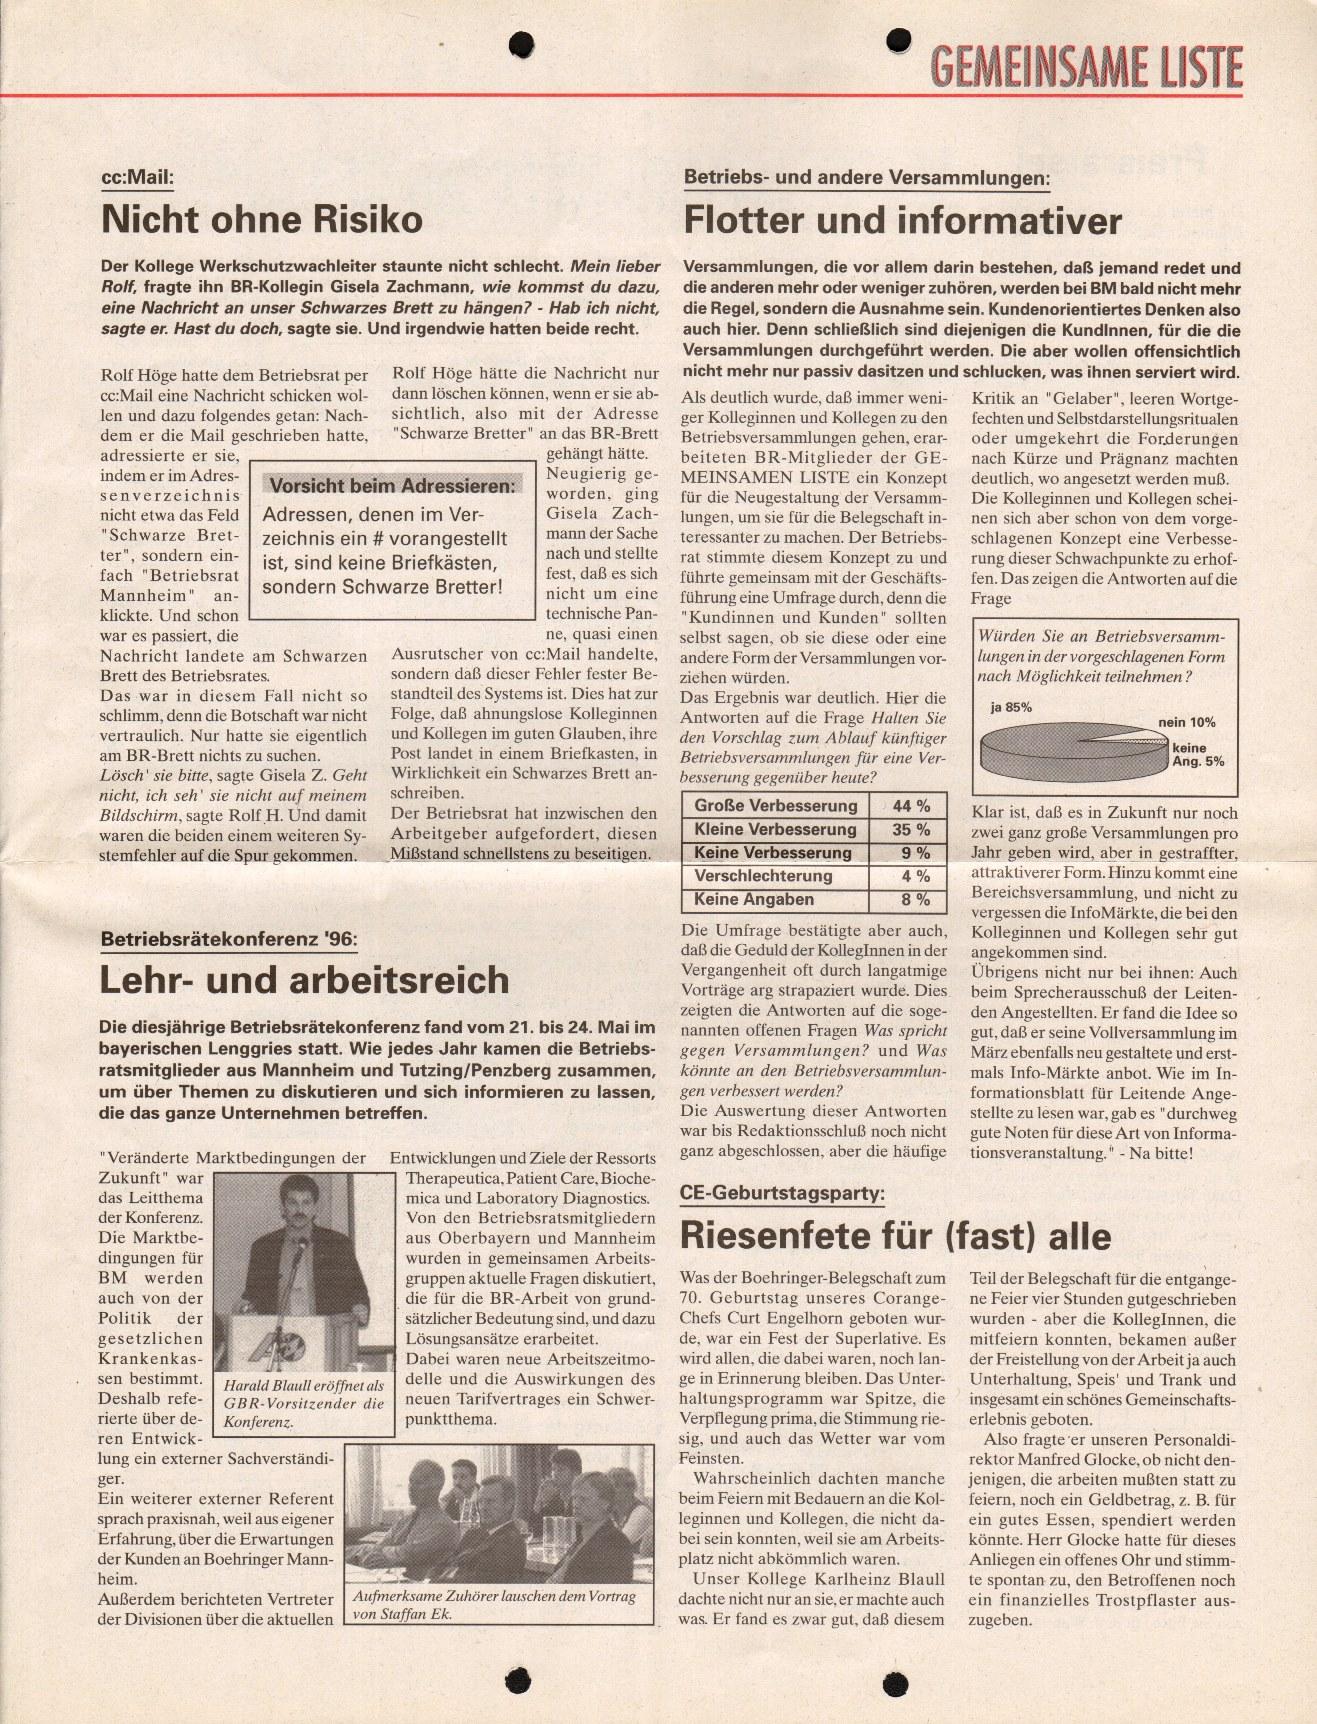 Mannheim_Boehringer_Gemeinsame_Liste_1996_01_03